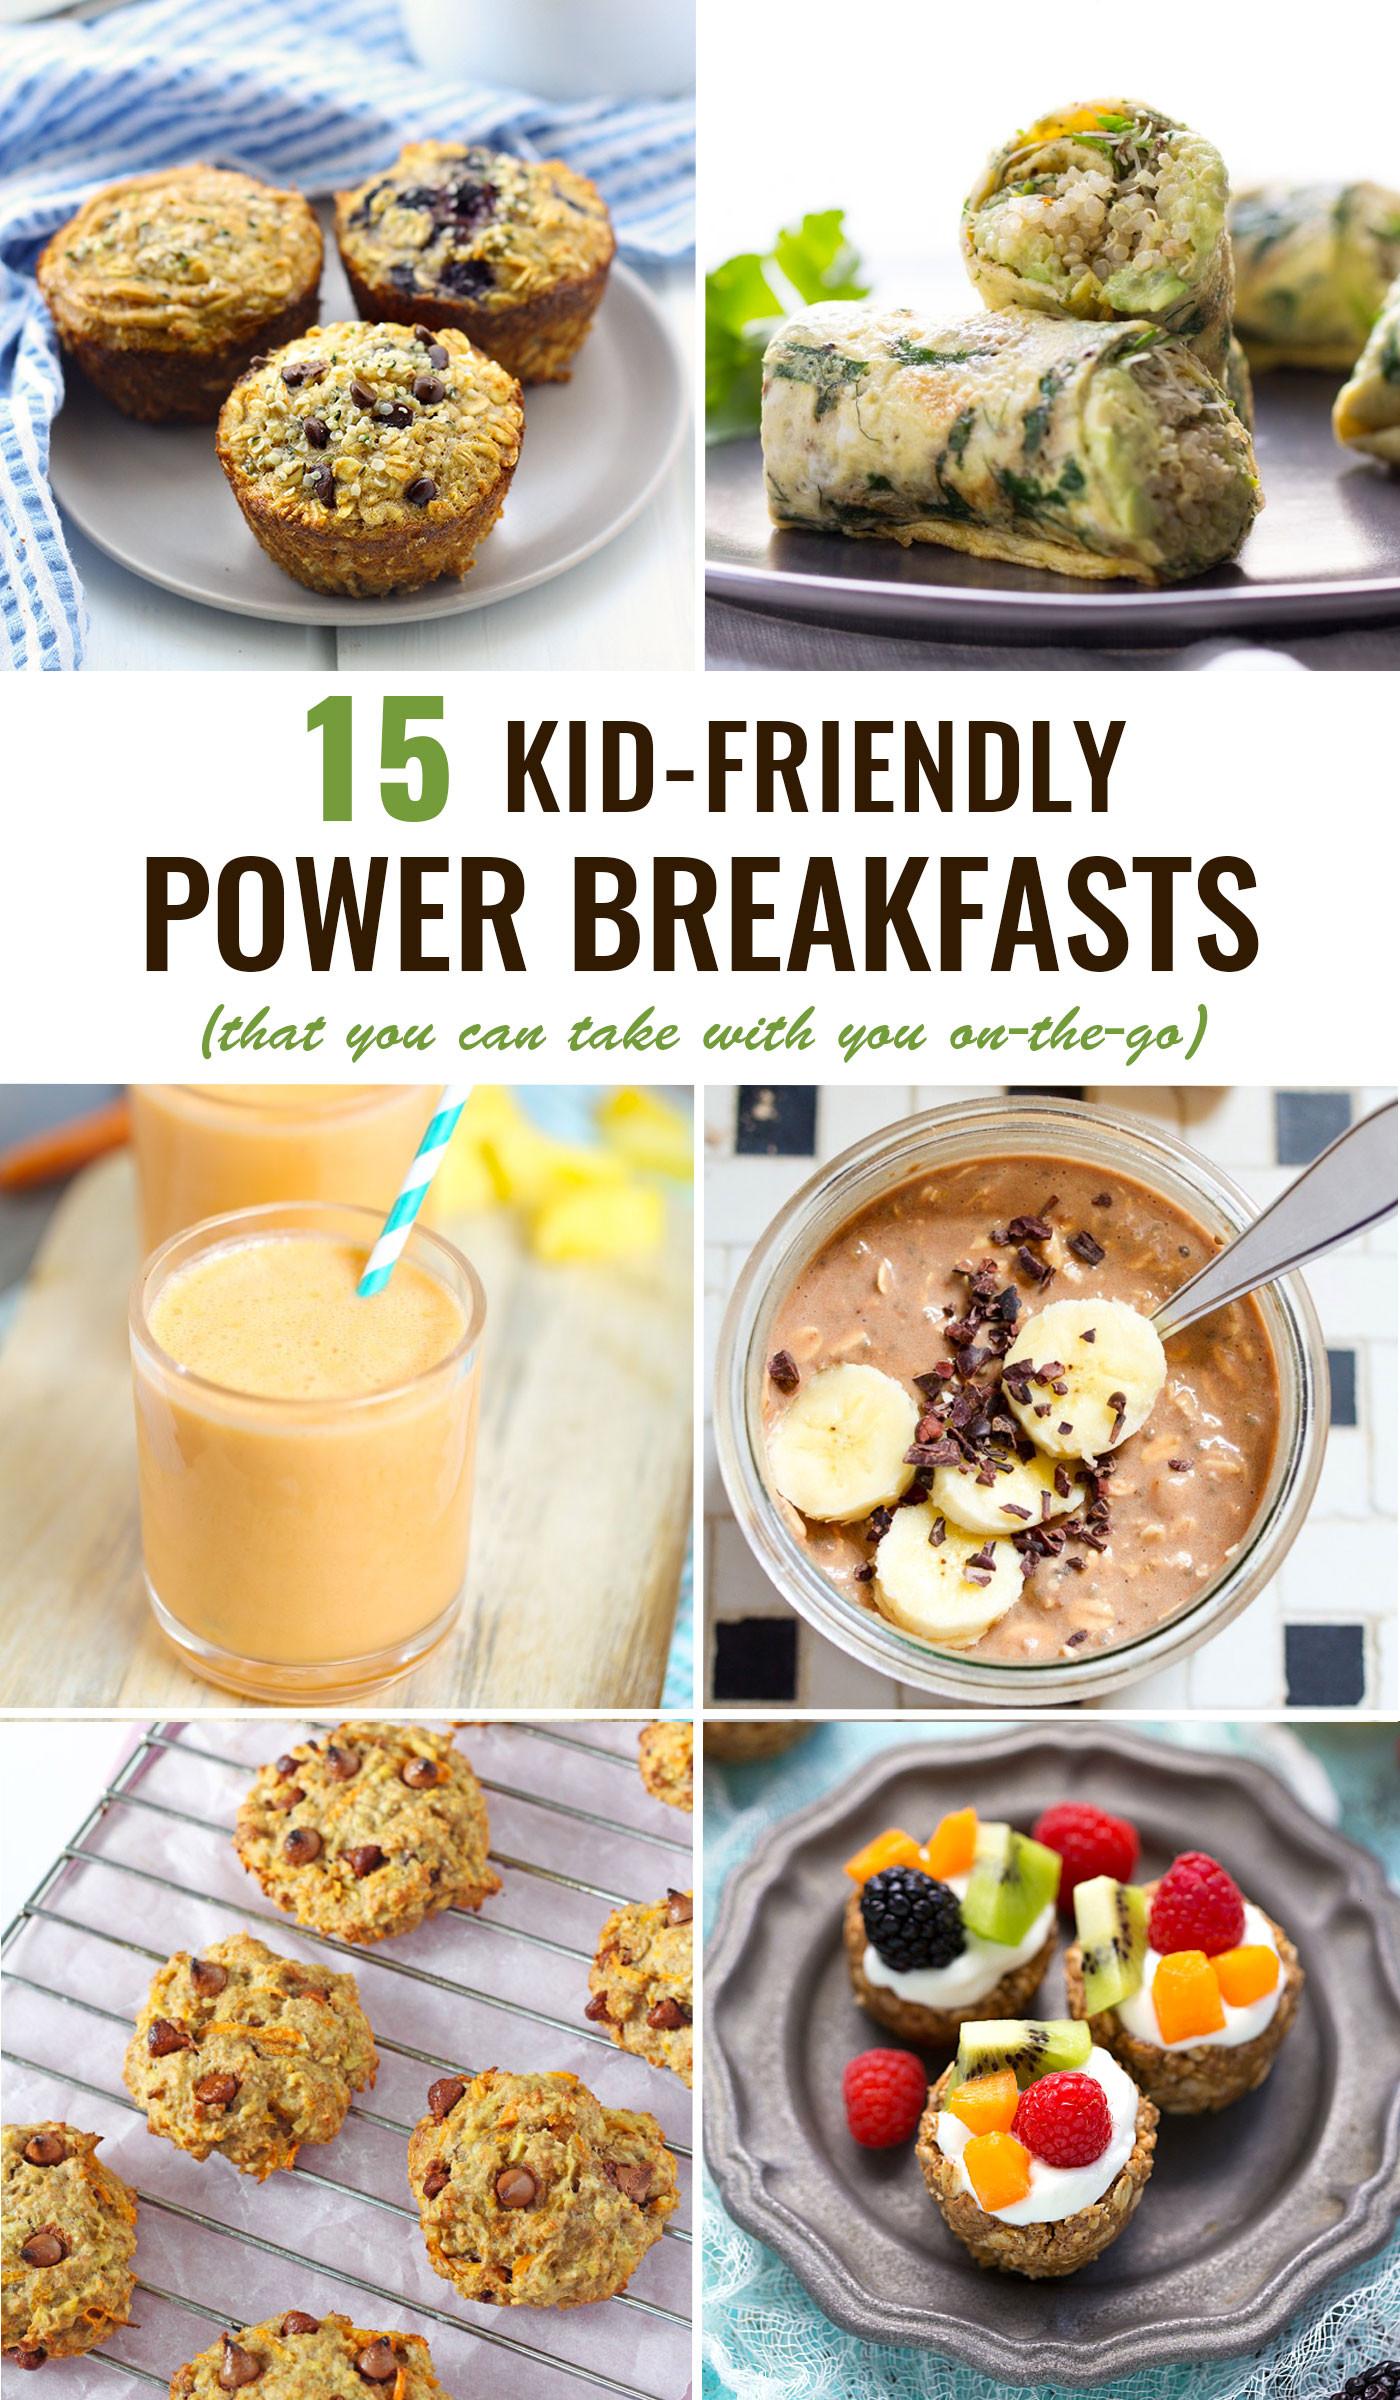 Best Breakfast For Kids Kid Friendly Power Breakfasts To Go